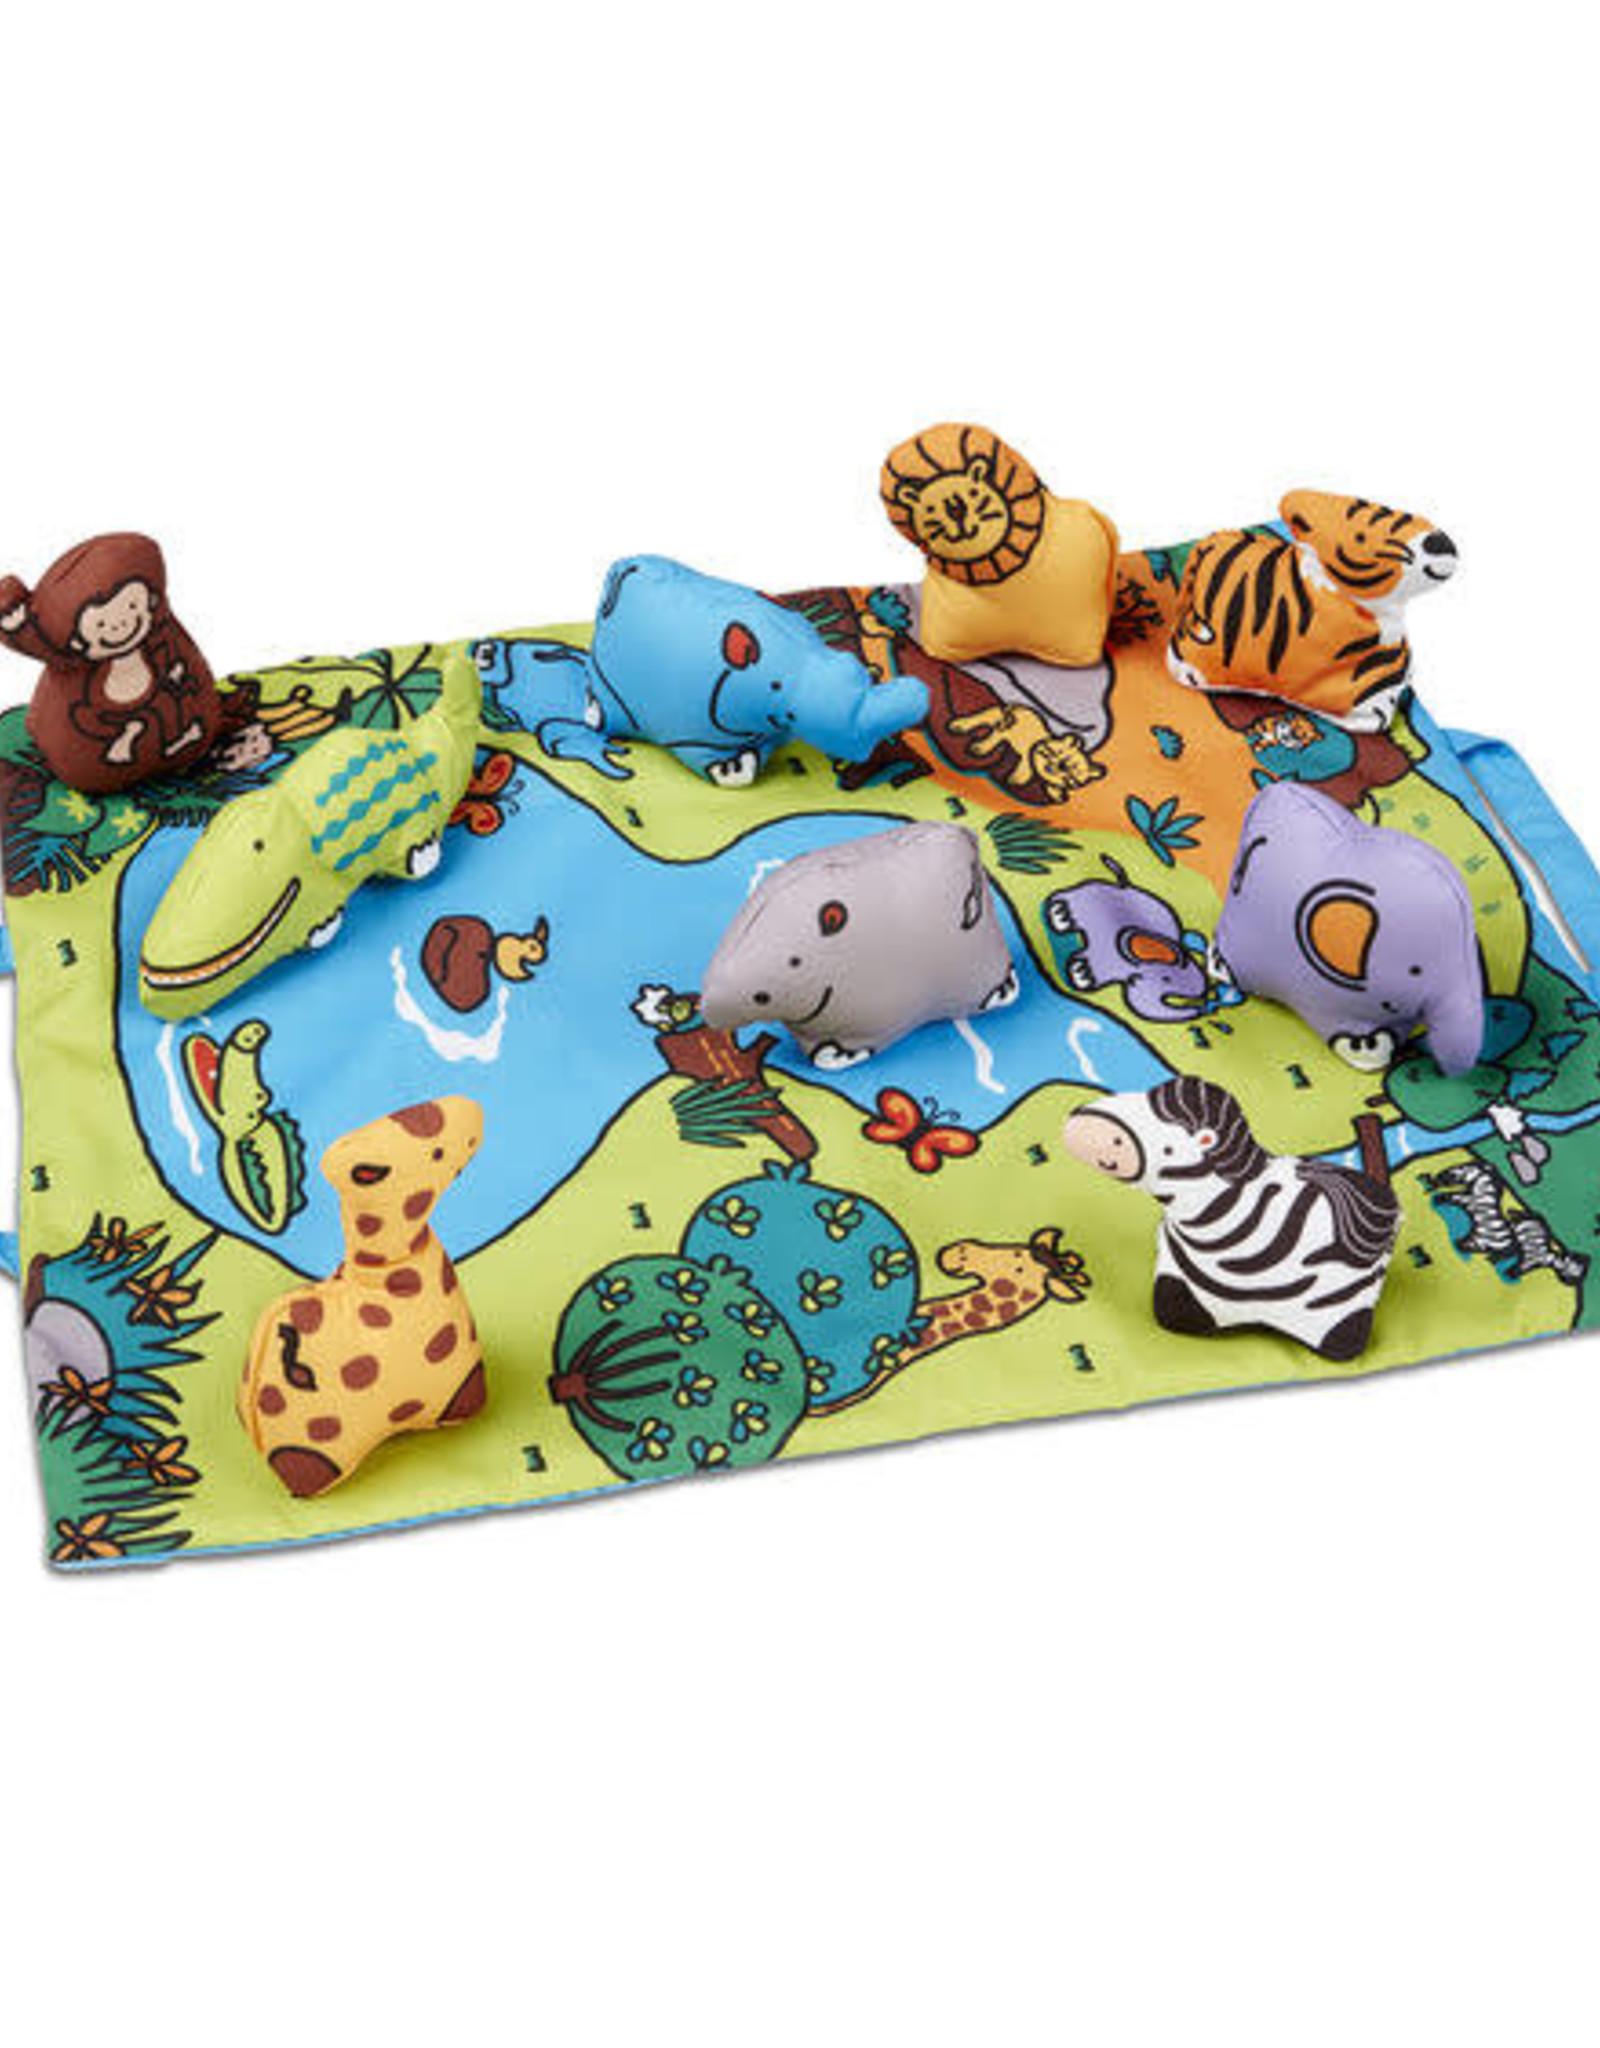 Melissa & Doug Melissa & Doug Take-Along Wild Safari Play Mat